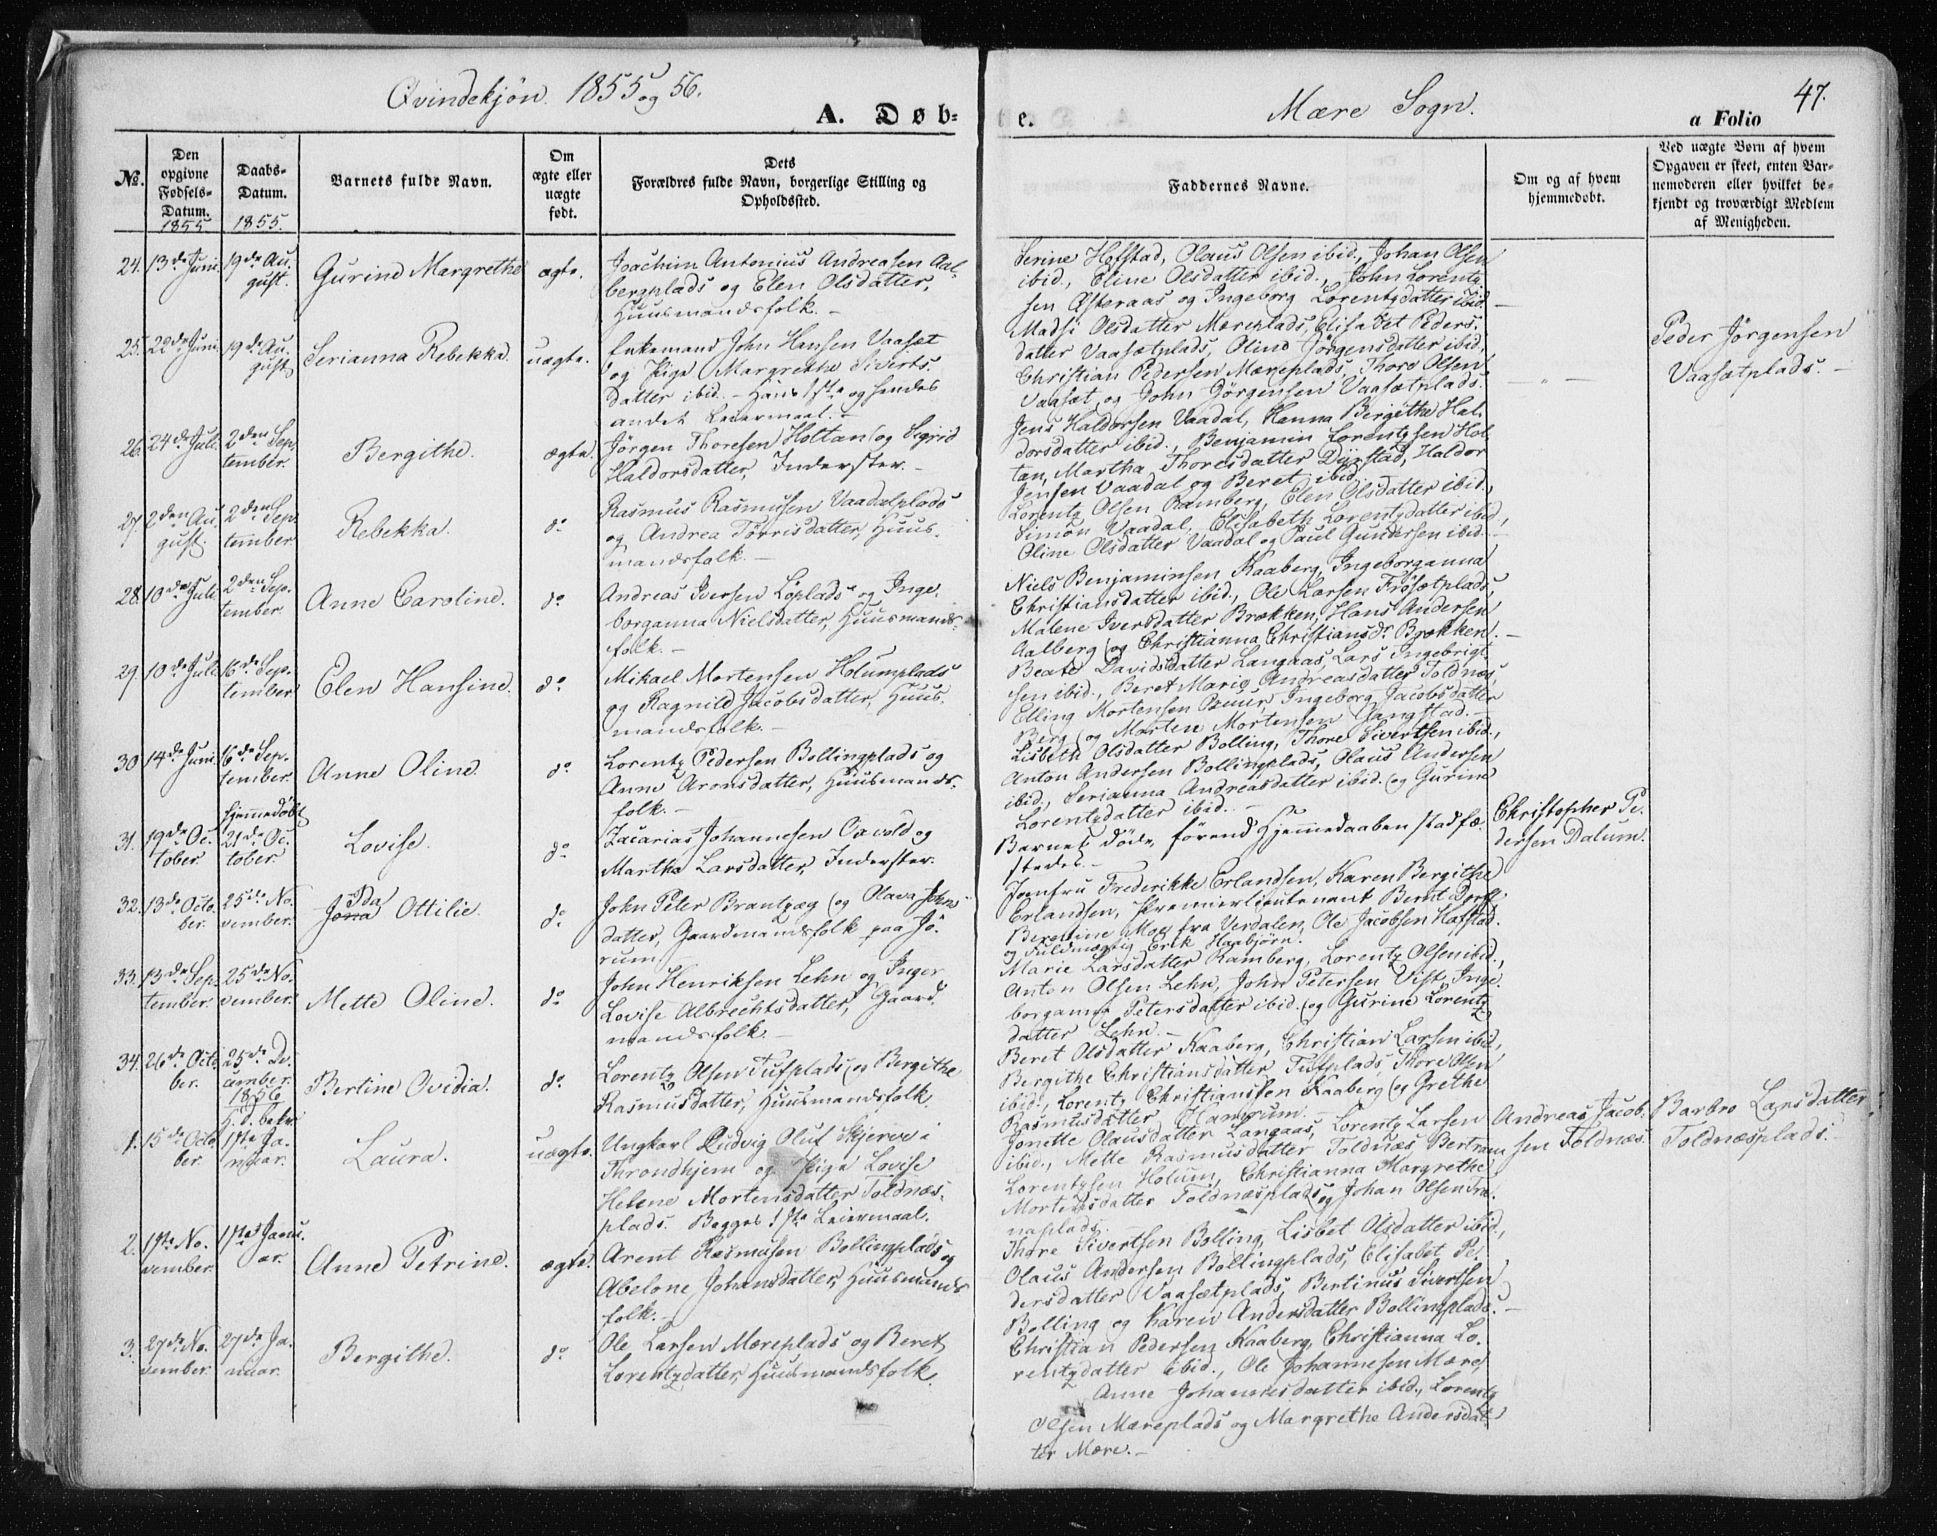 SAT, Ministerialprotokoller, klokkerbøker og fødselsregistre - Nord-Trøndelag, 735/L0342: Ministerialbok nr. 735A07 /1, 1849-1862, s. 47